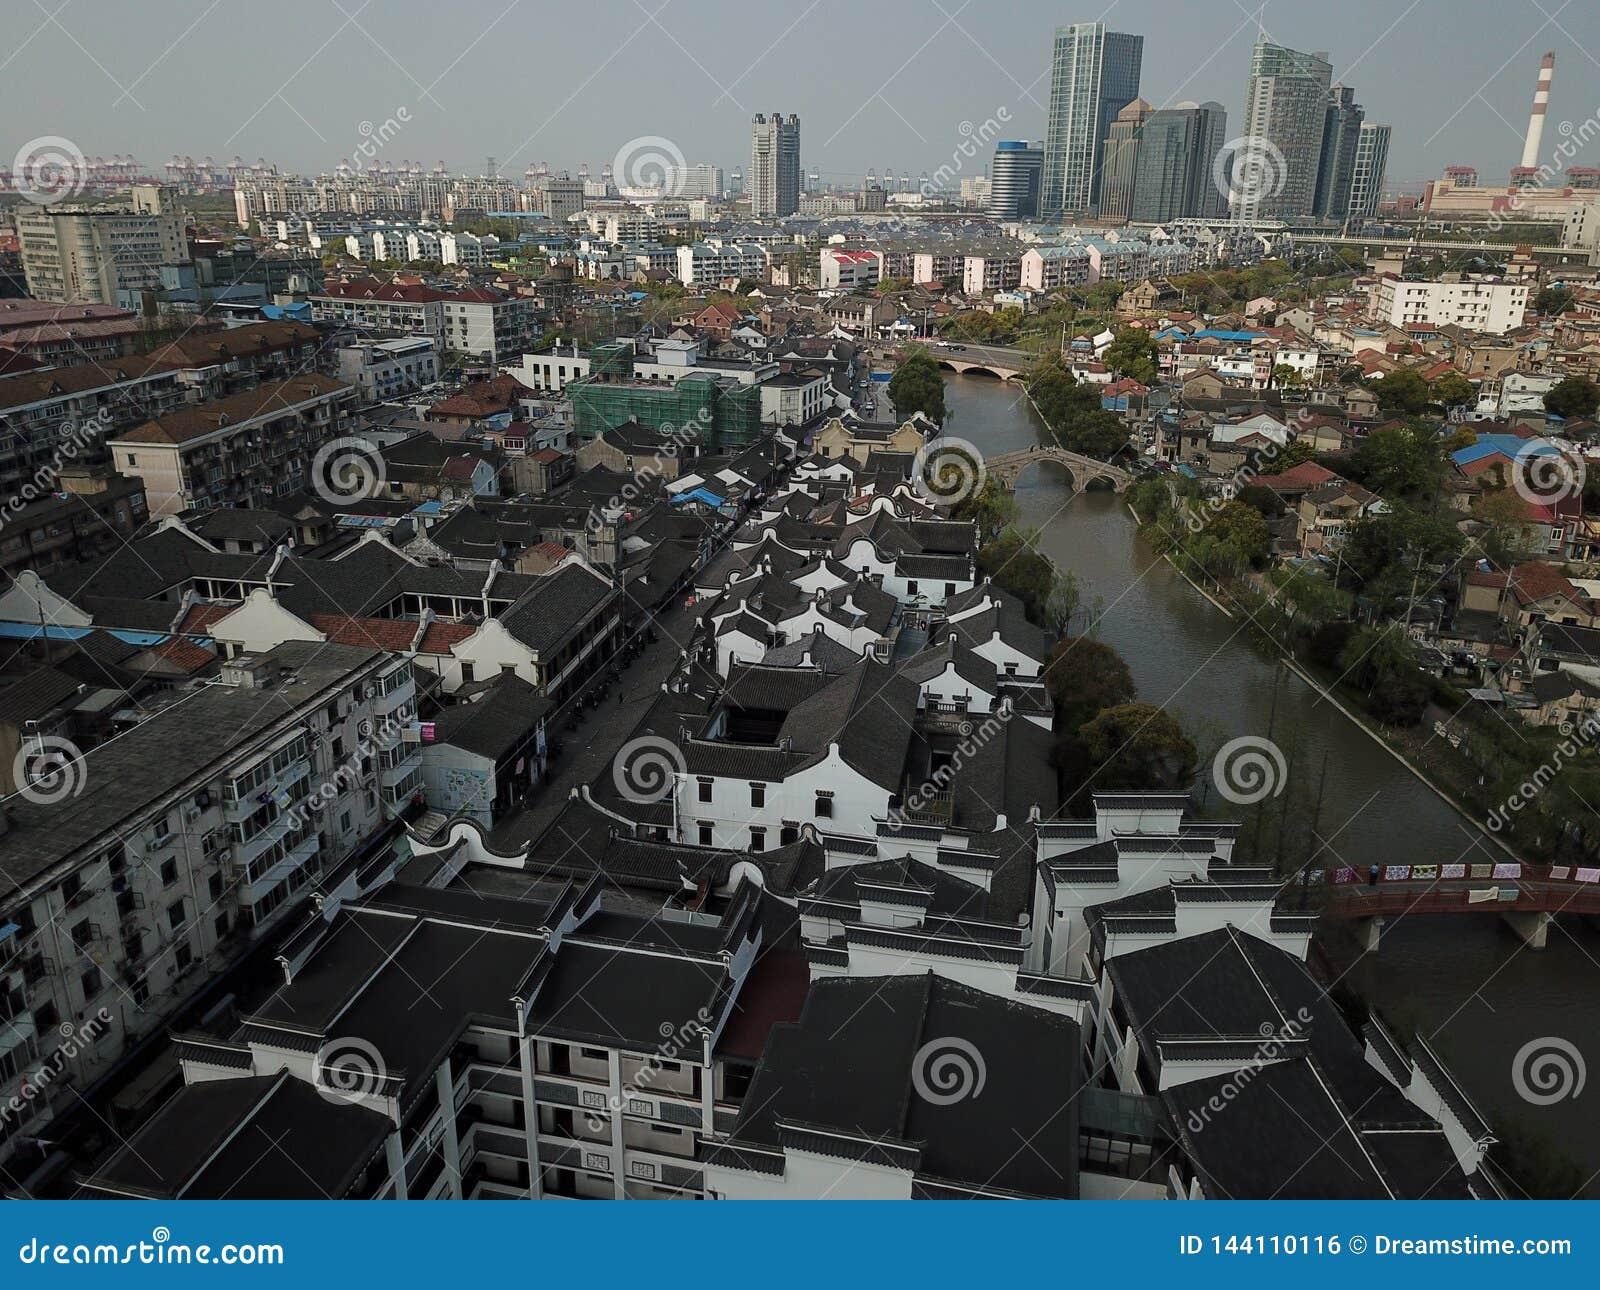 Telhado de telha preto na cidade antiga de Gaoqiao, Shanghai